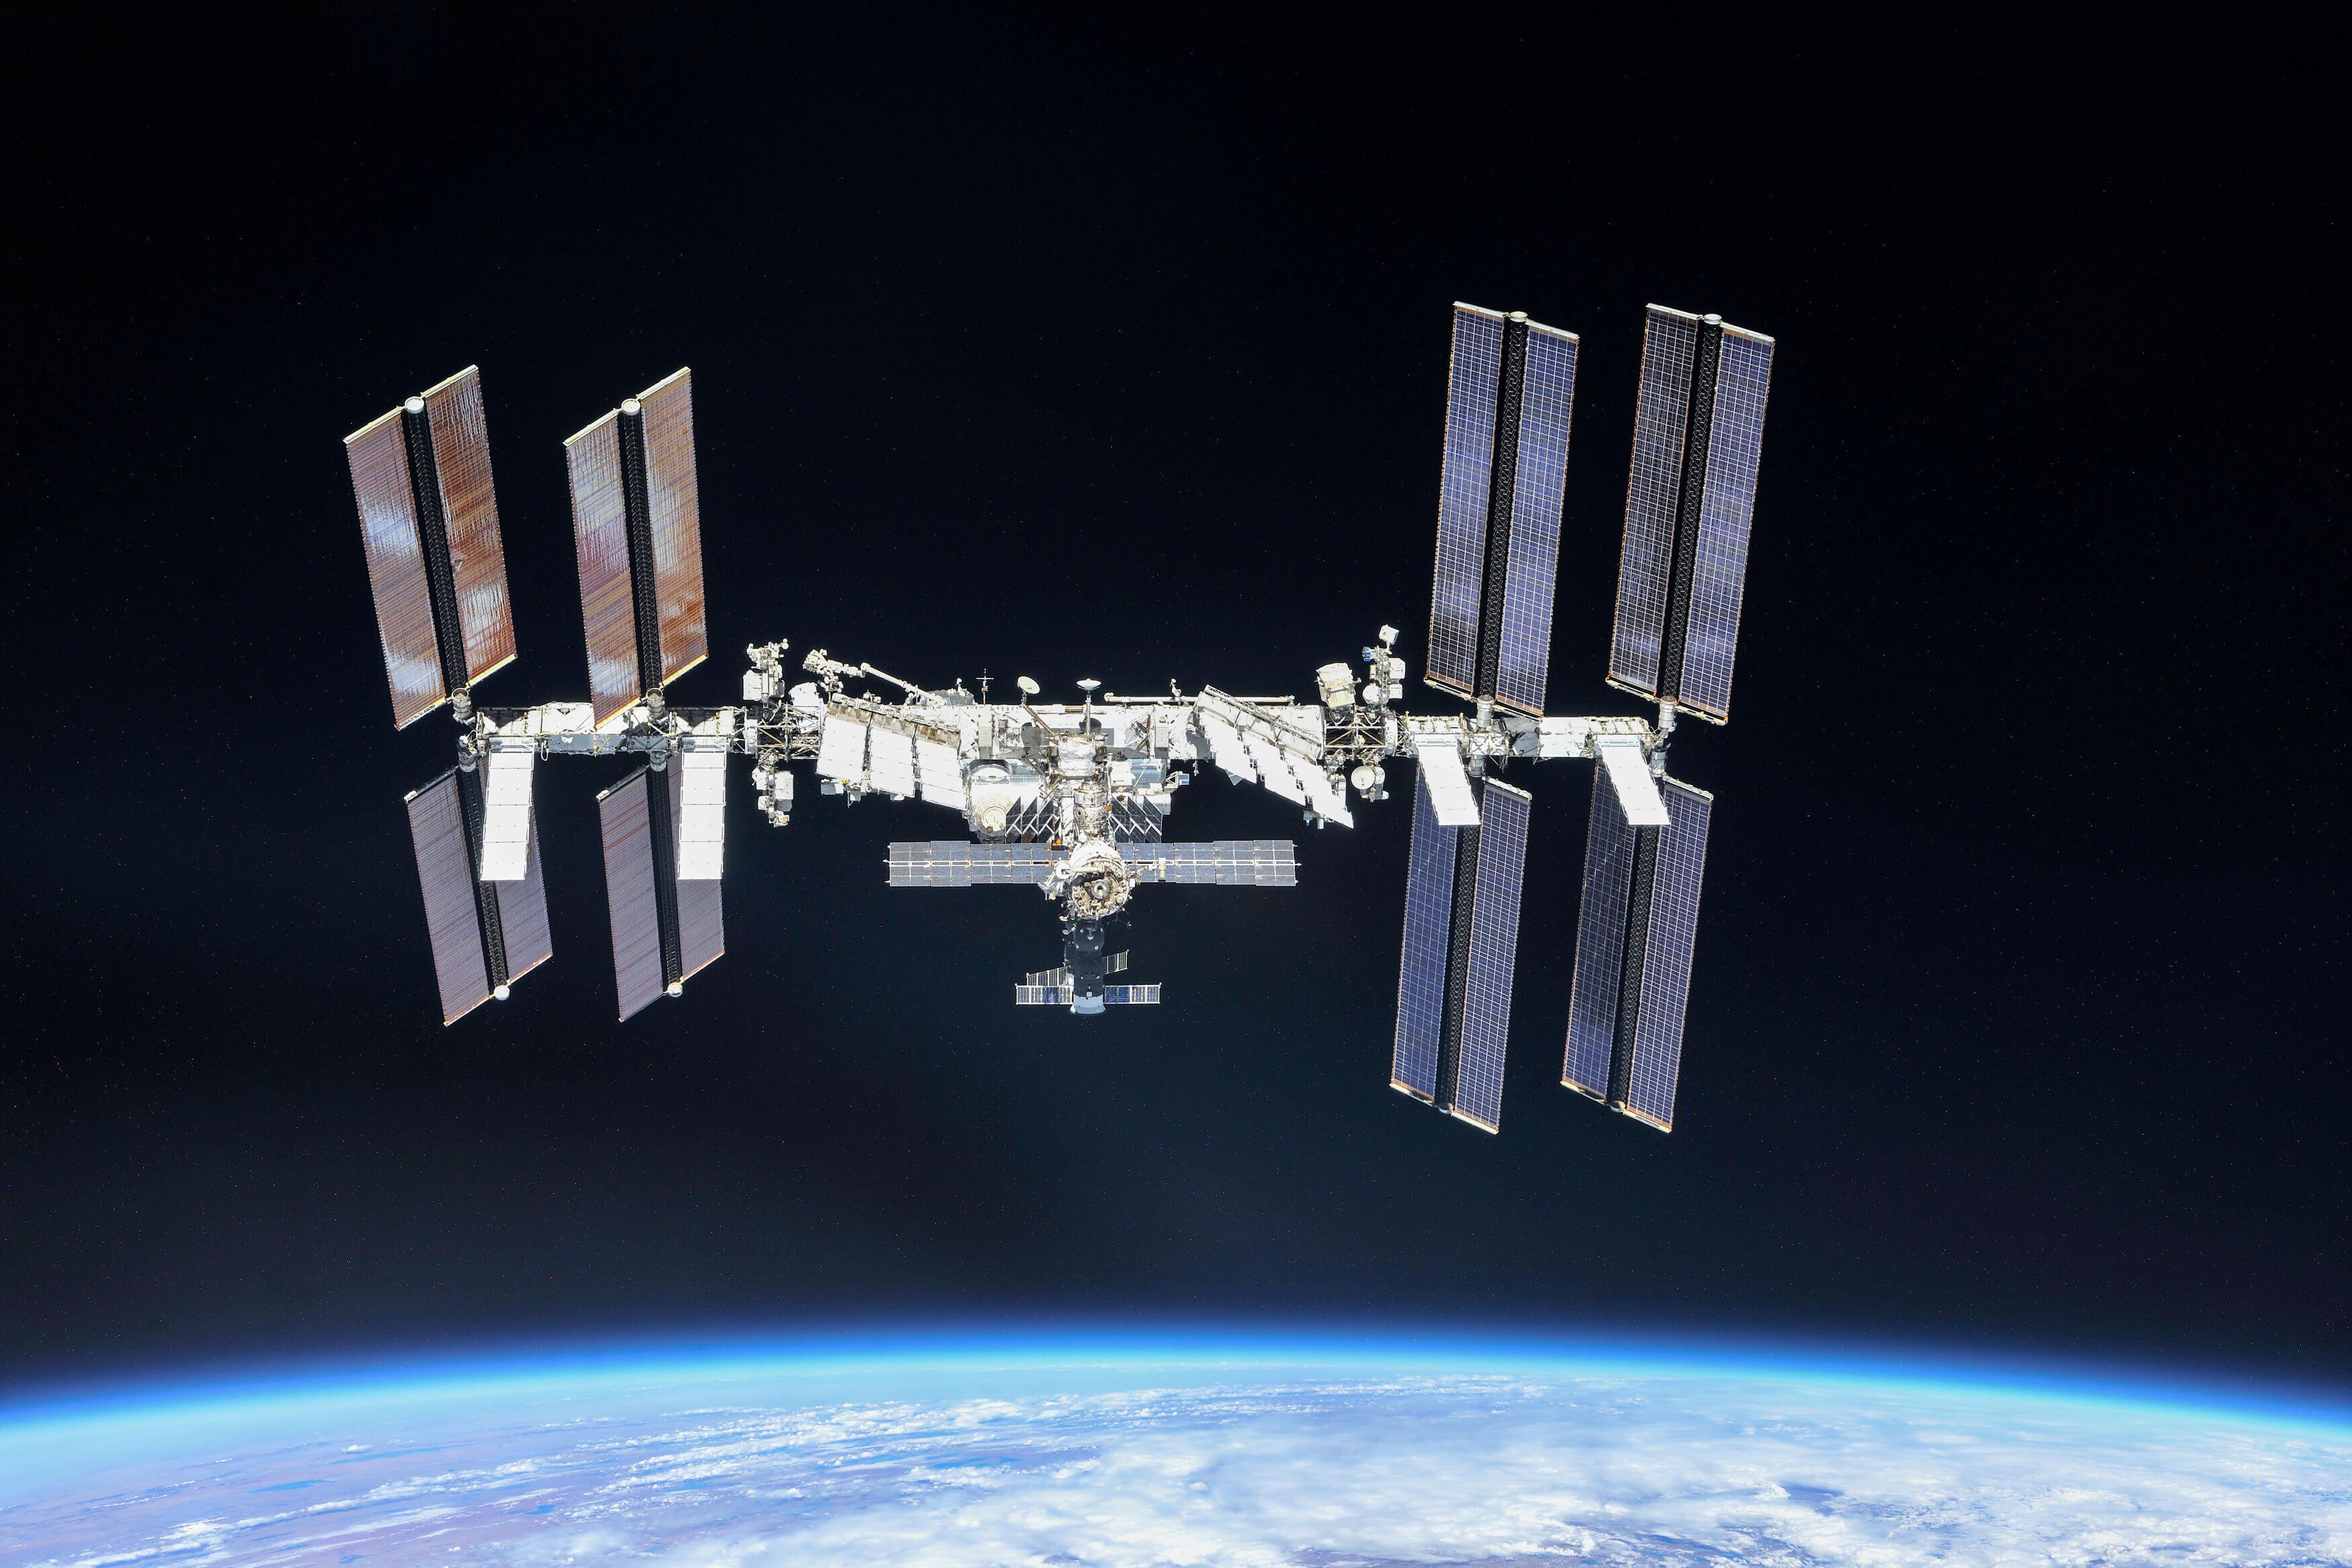 Τουρίστες στο διάστημα θα ακολουθούν το δρομολόγιο Γκαγκάριν